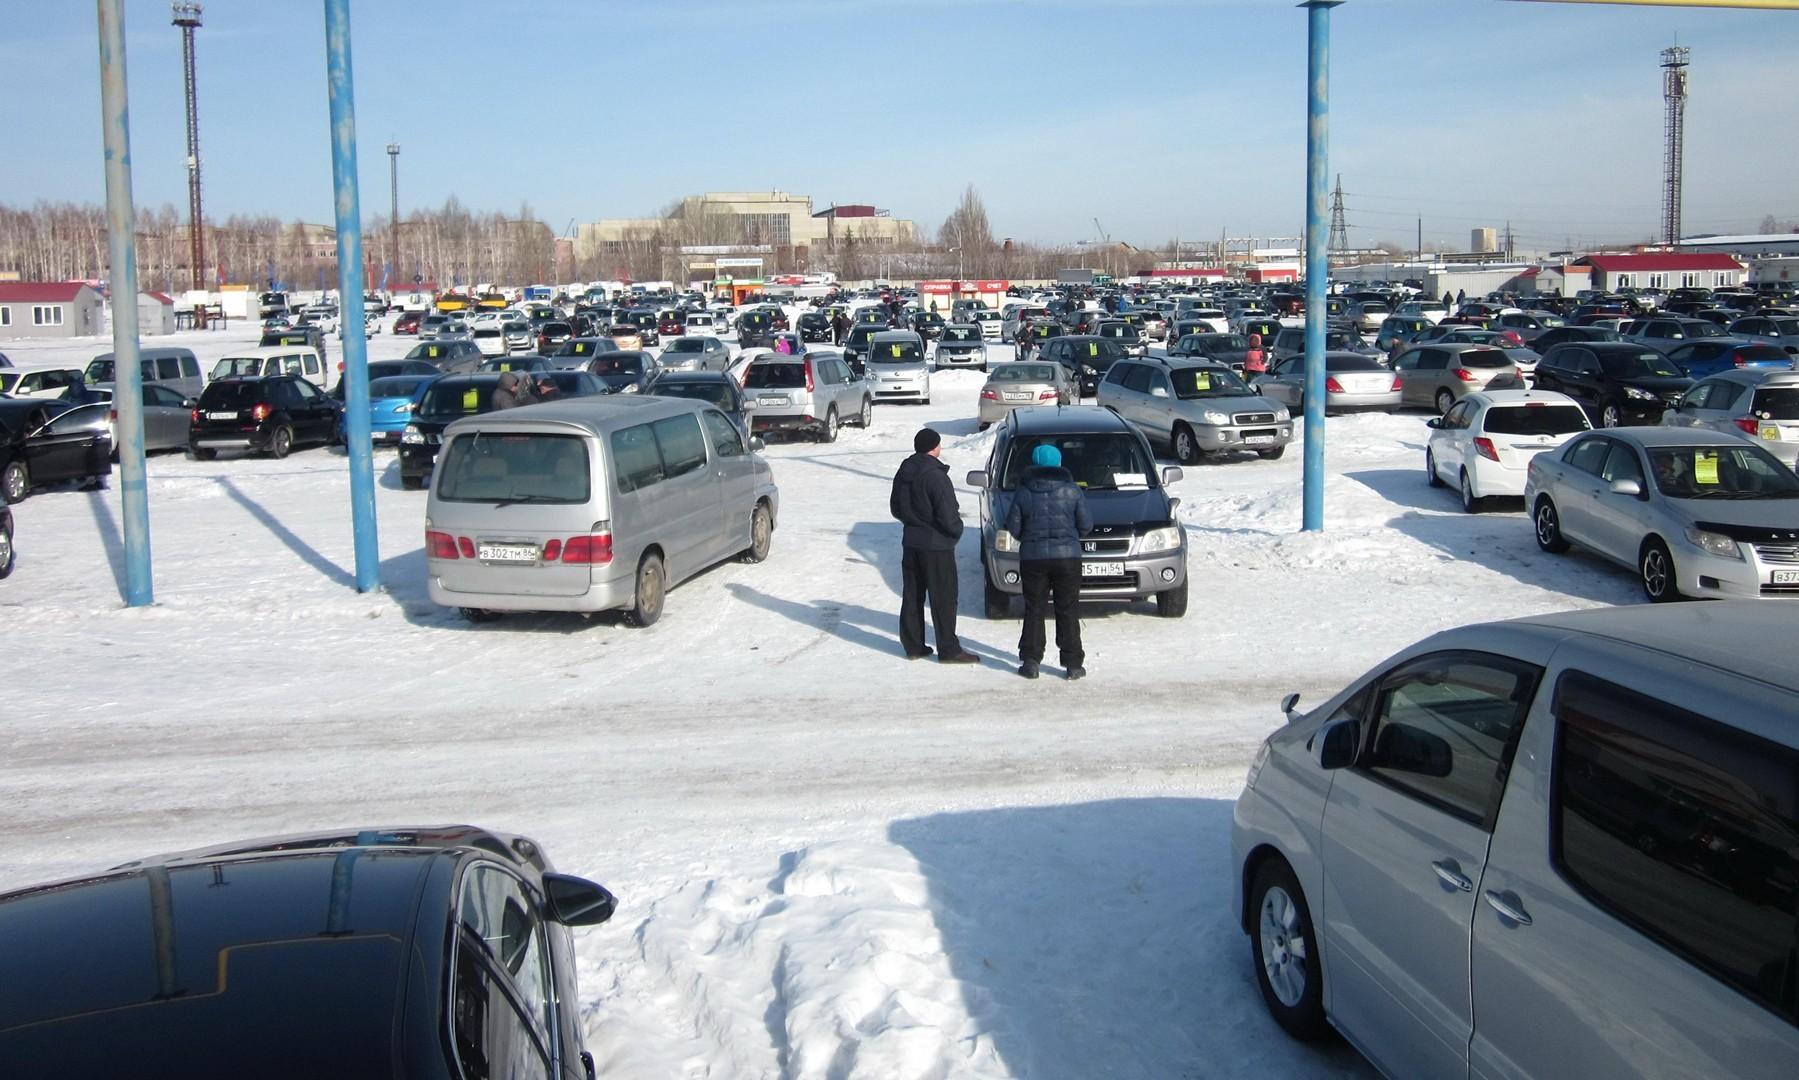 автобазар новосибирск с фото заборов